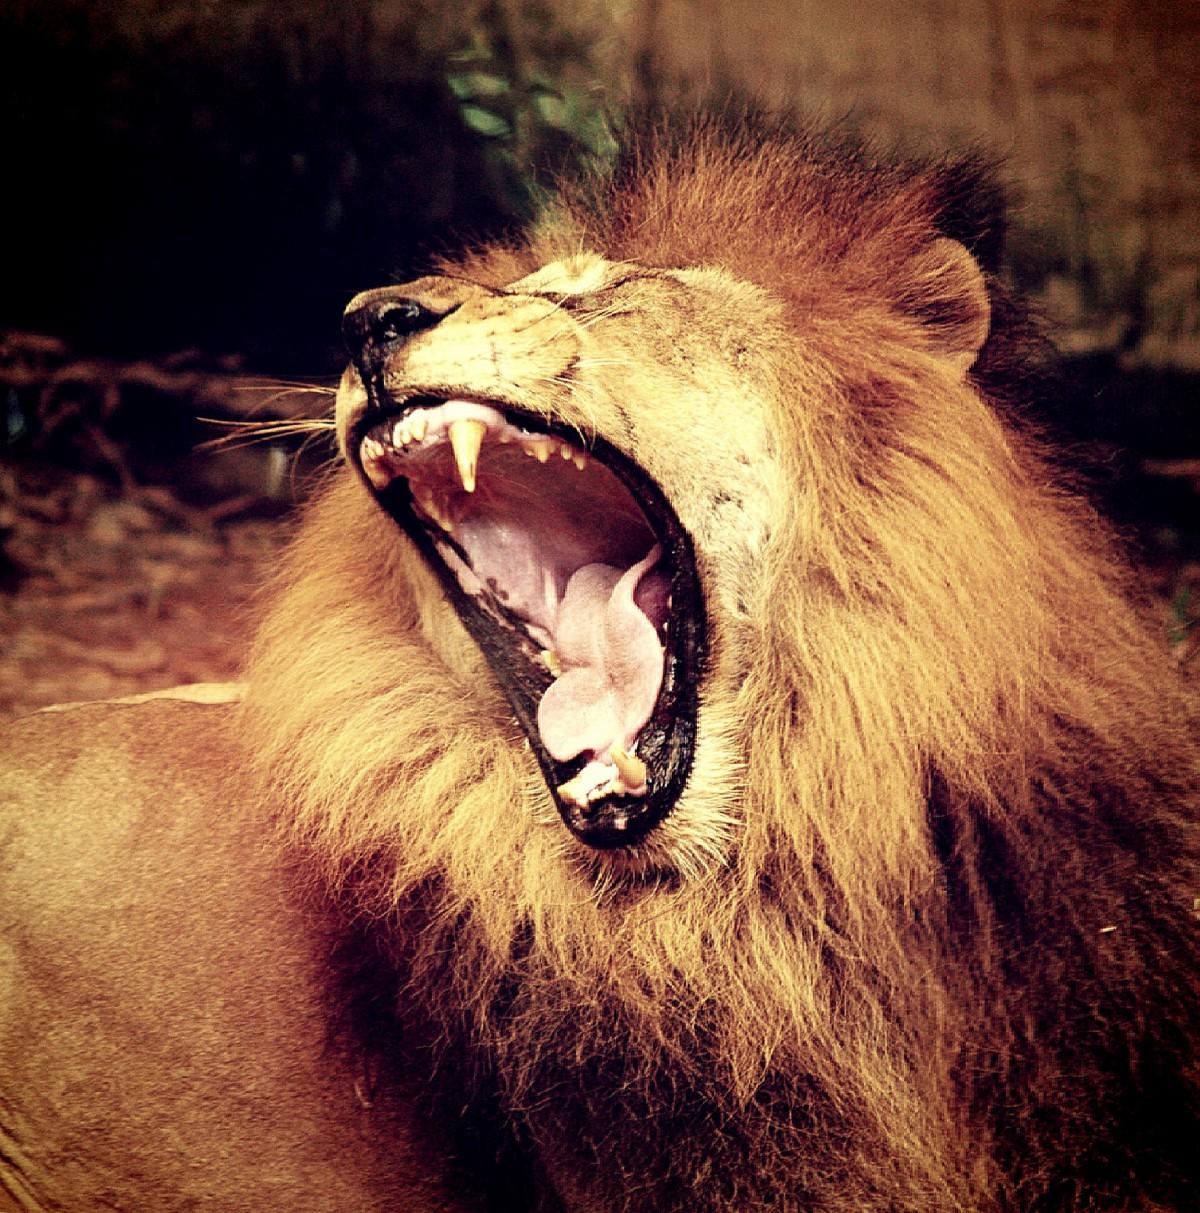 lion_pride_male_mammal_power_fur_majestic_carnivore-560888